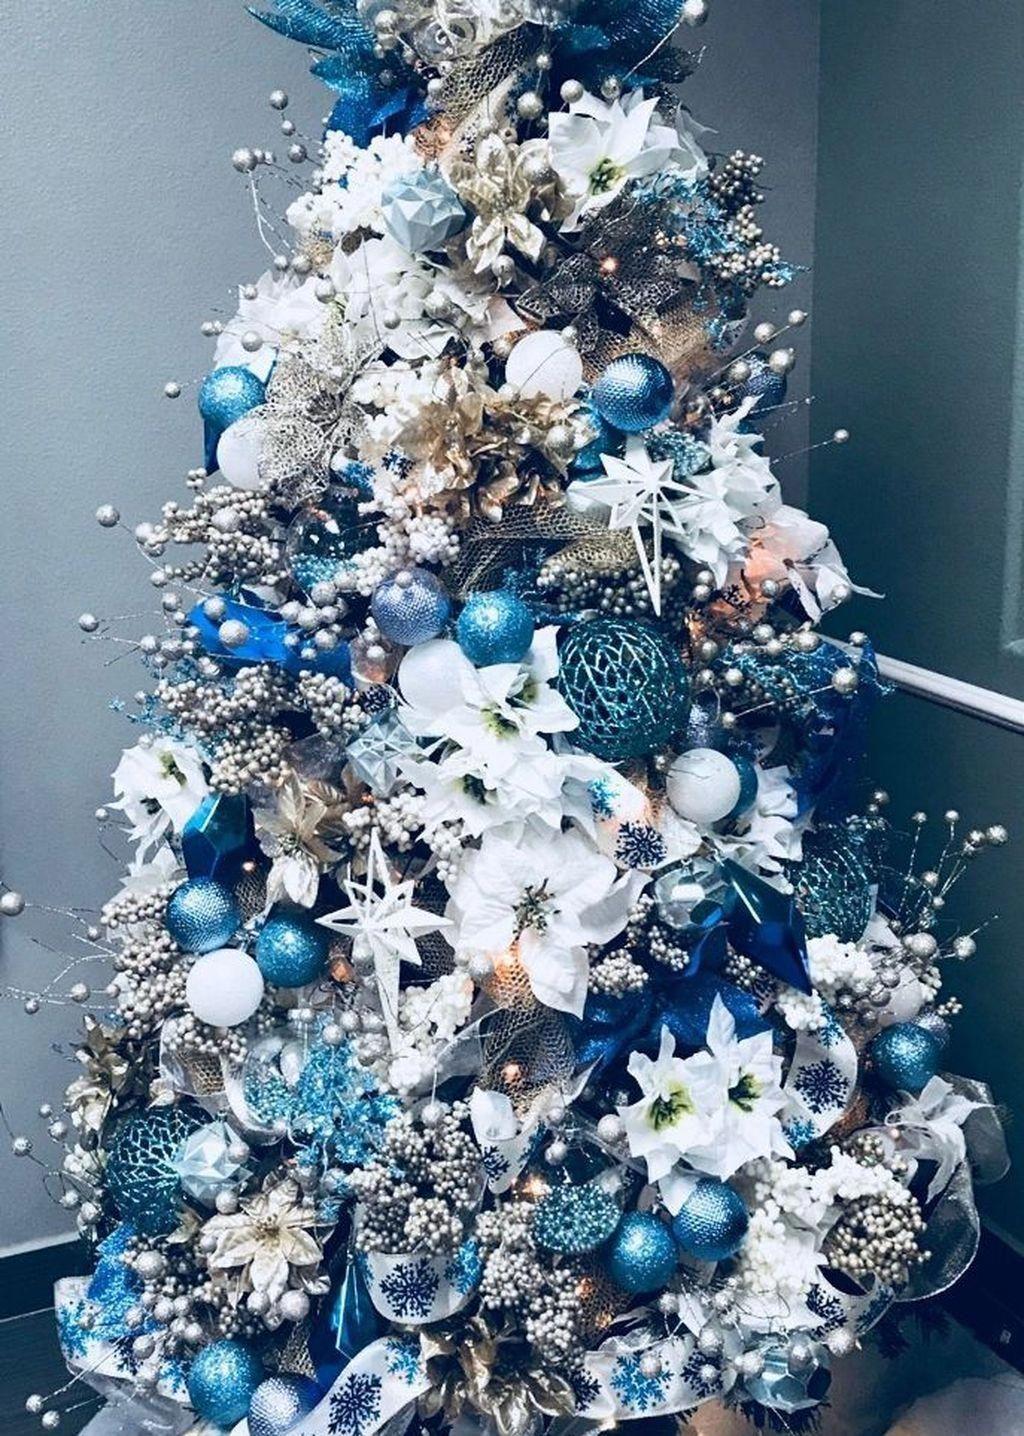 Awesome 46 Elegant Blue White Christmas Decor Ideas Outdoorchristmasdecor Blue Christmas Tree Decorations Christmas Tree Themes Elegant Christmas Trees